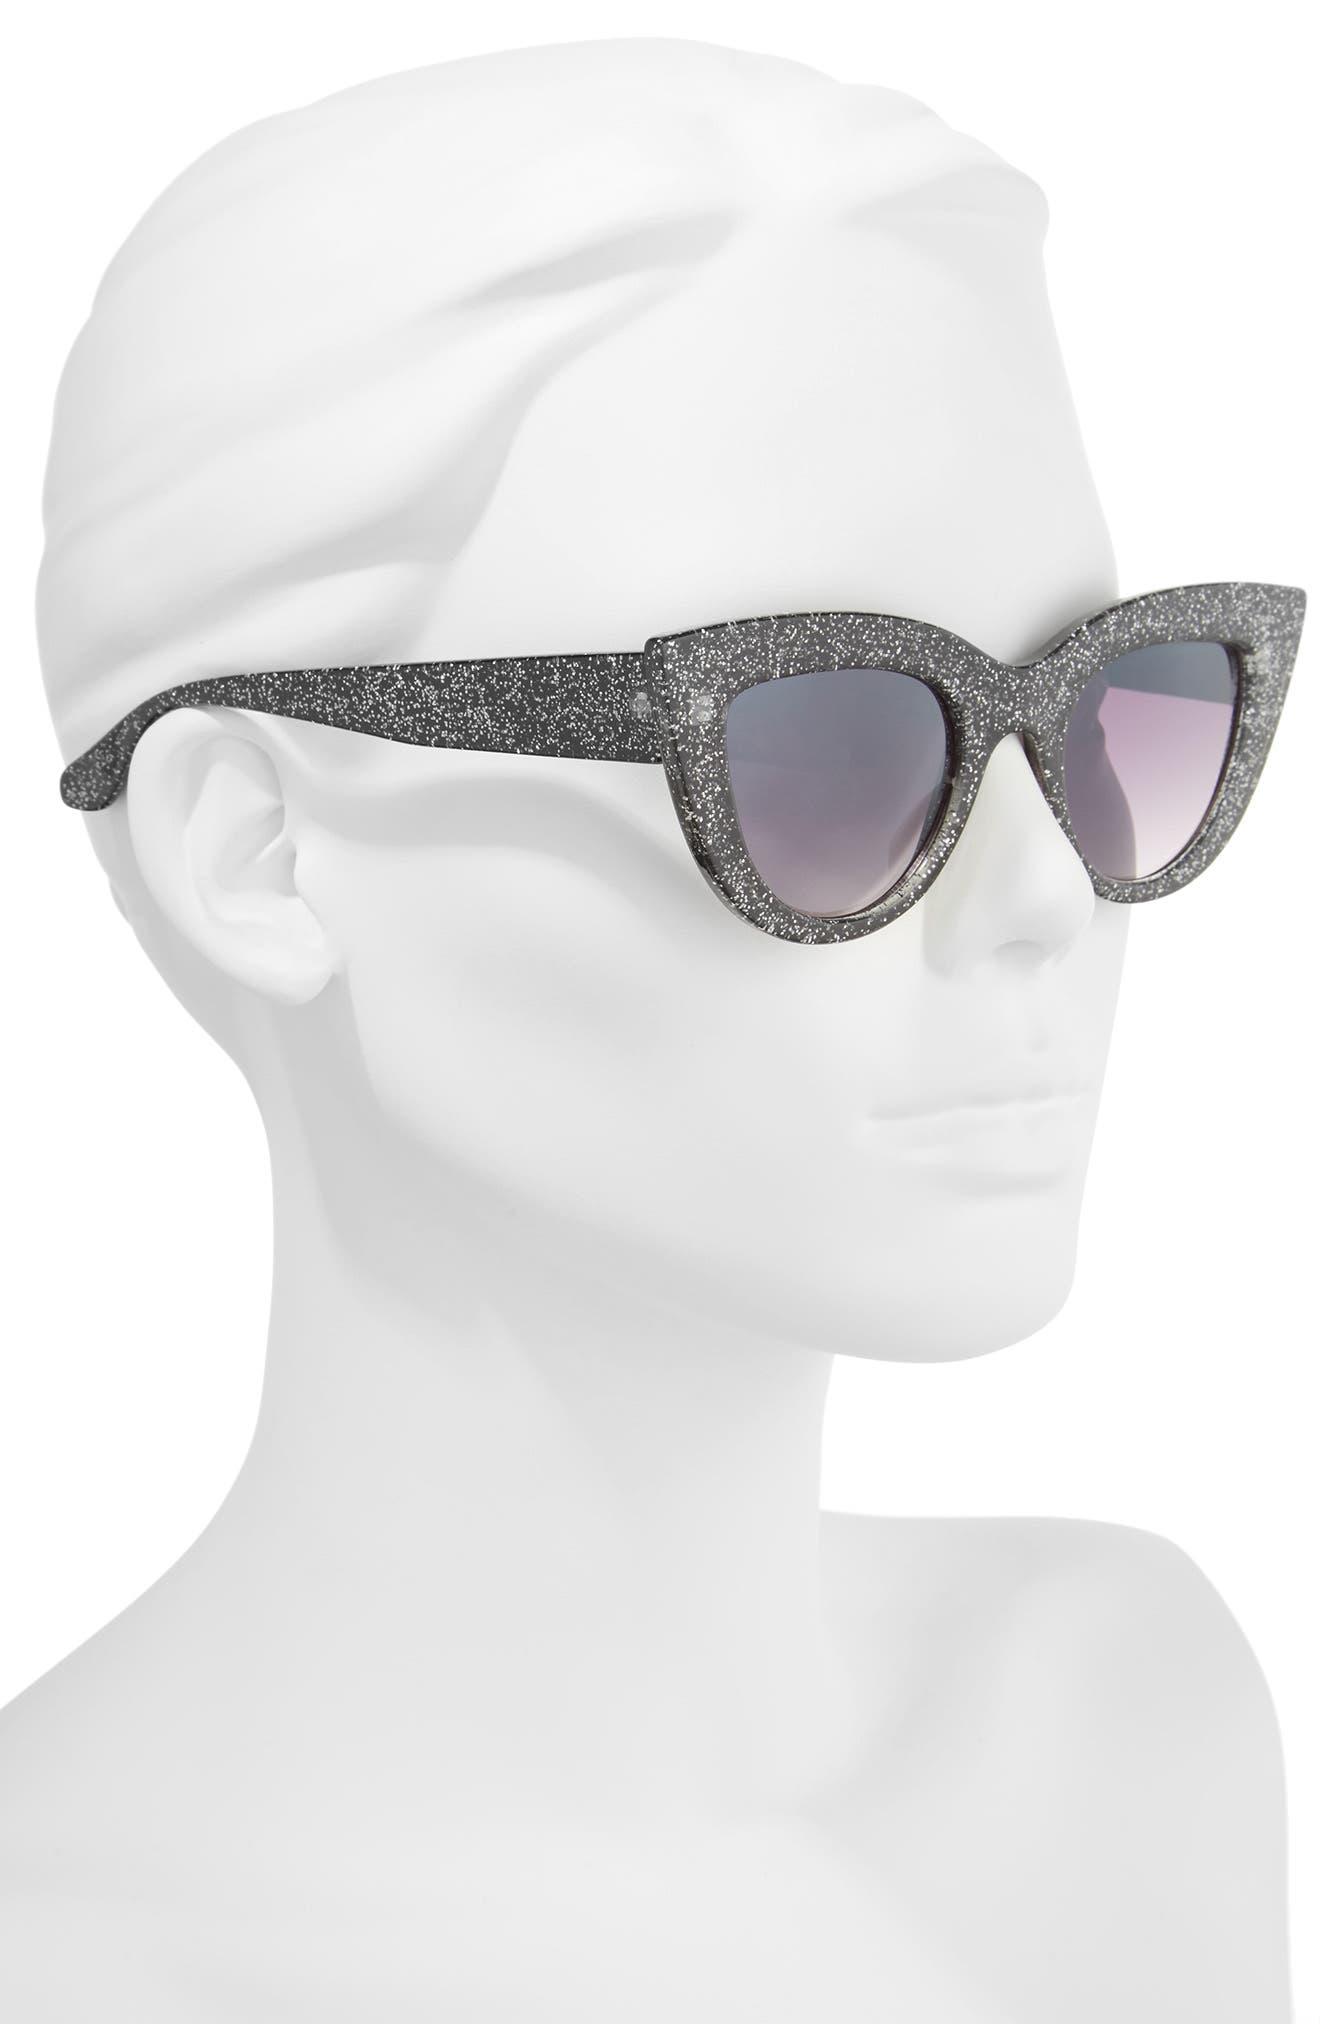 45mm Glitter Cat Eye Sunglasses,                             Alternate thumbnail 2, color,                             001